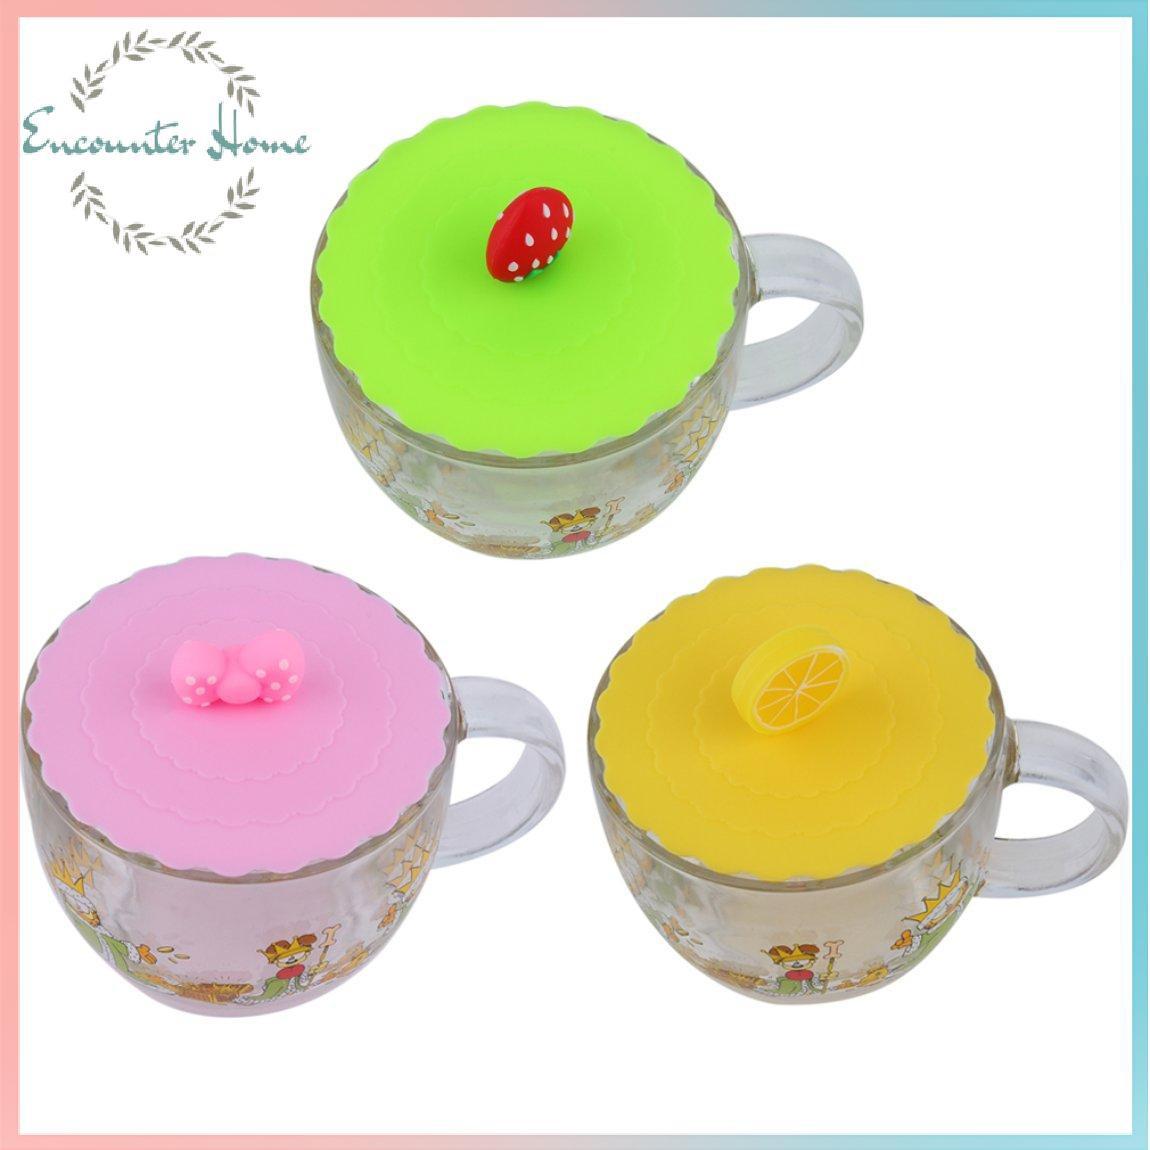 矽膠可愛防塵玻璃杯蓋咖啡杯吸密封蓋蓋新品上架 精選實惠